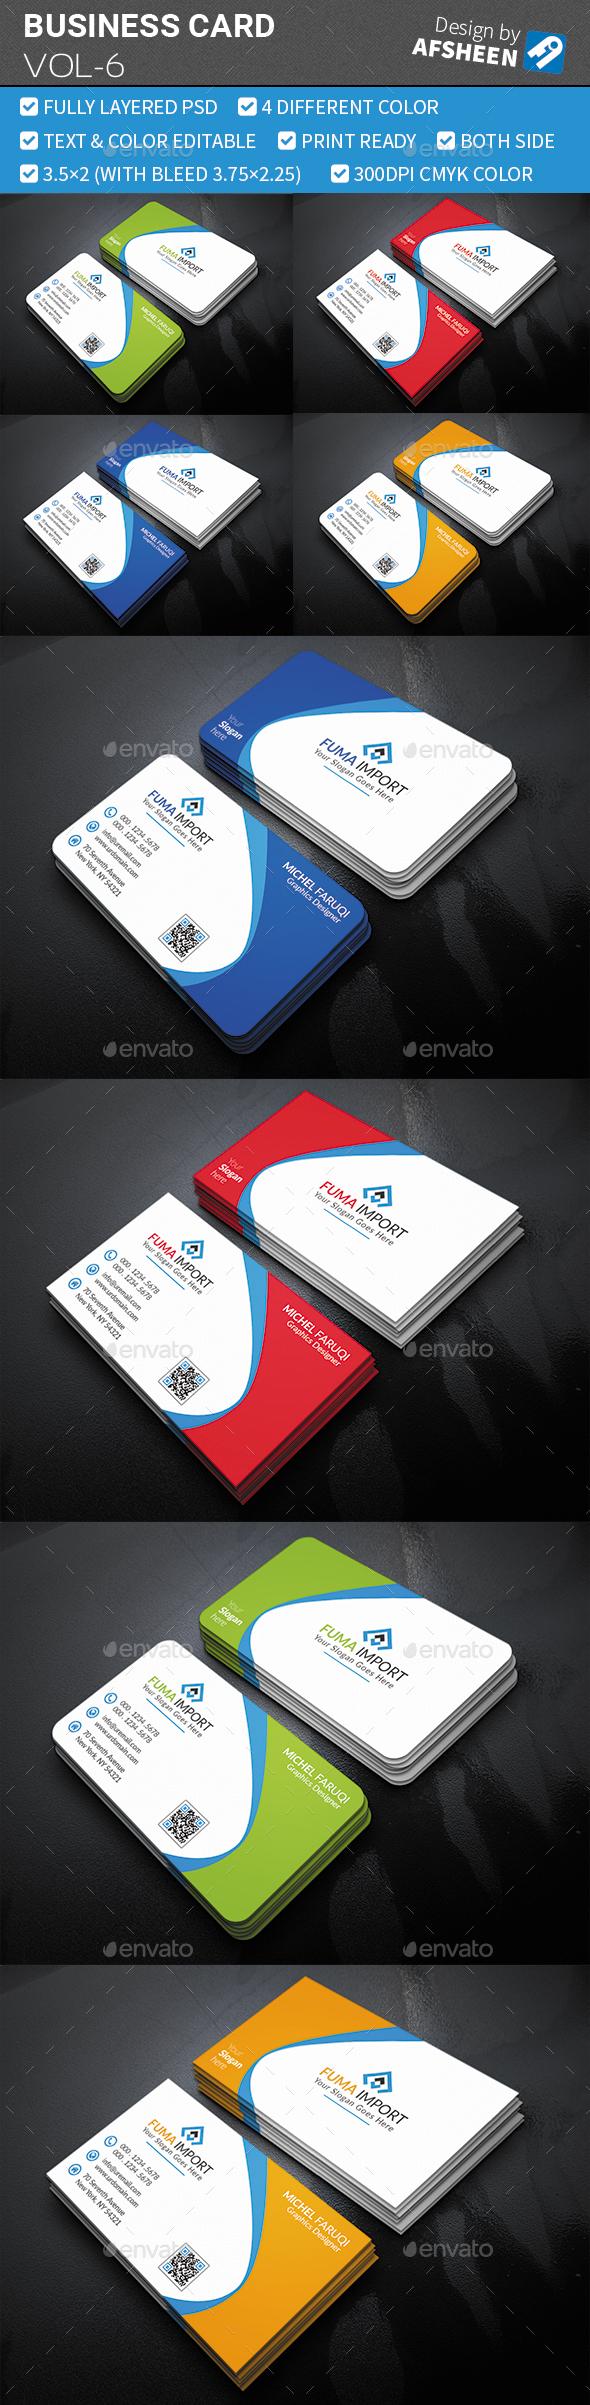 Business card template psd business card templates pinterest 1e5b6bec19d962d81b7c301fd689f782g reheart Choice Image